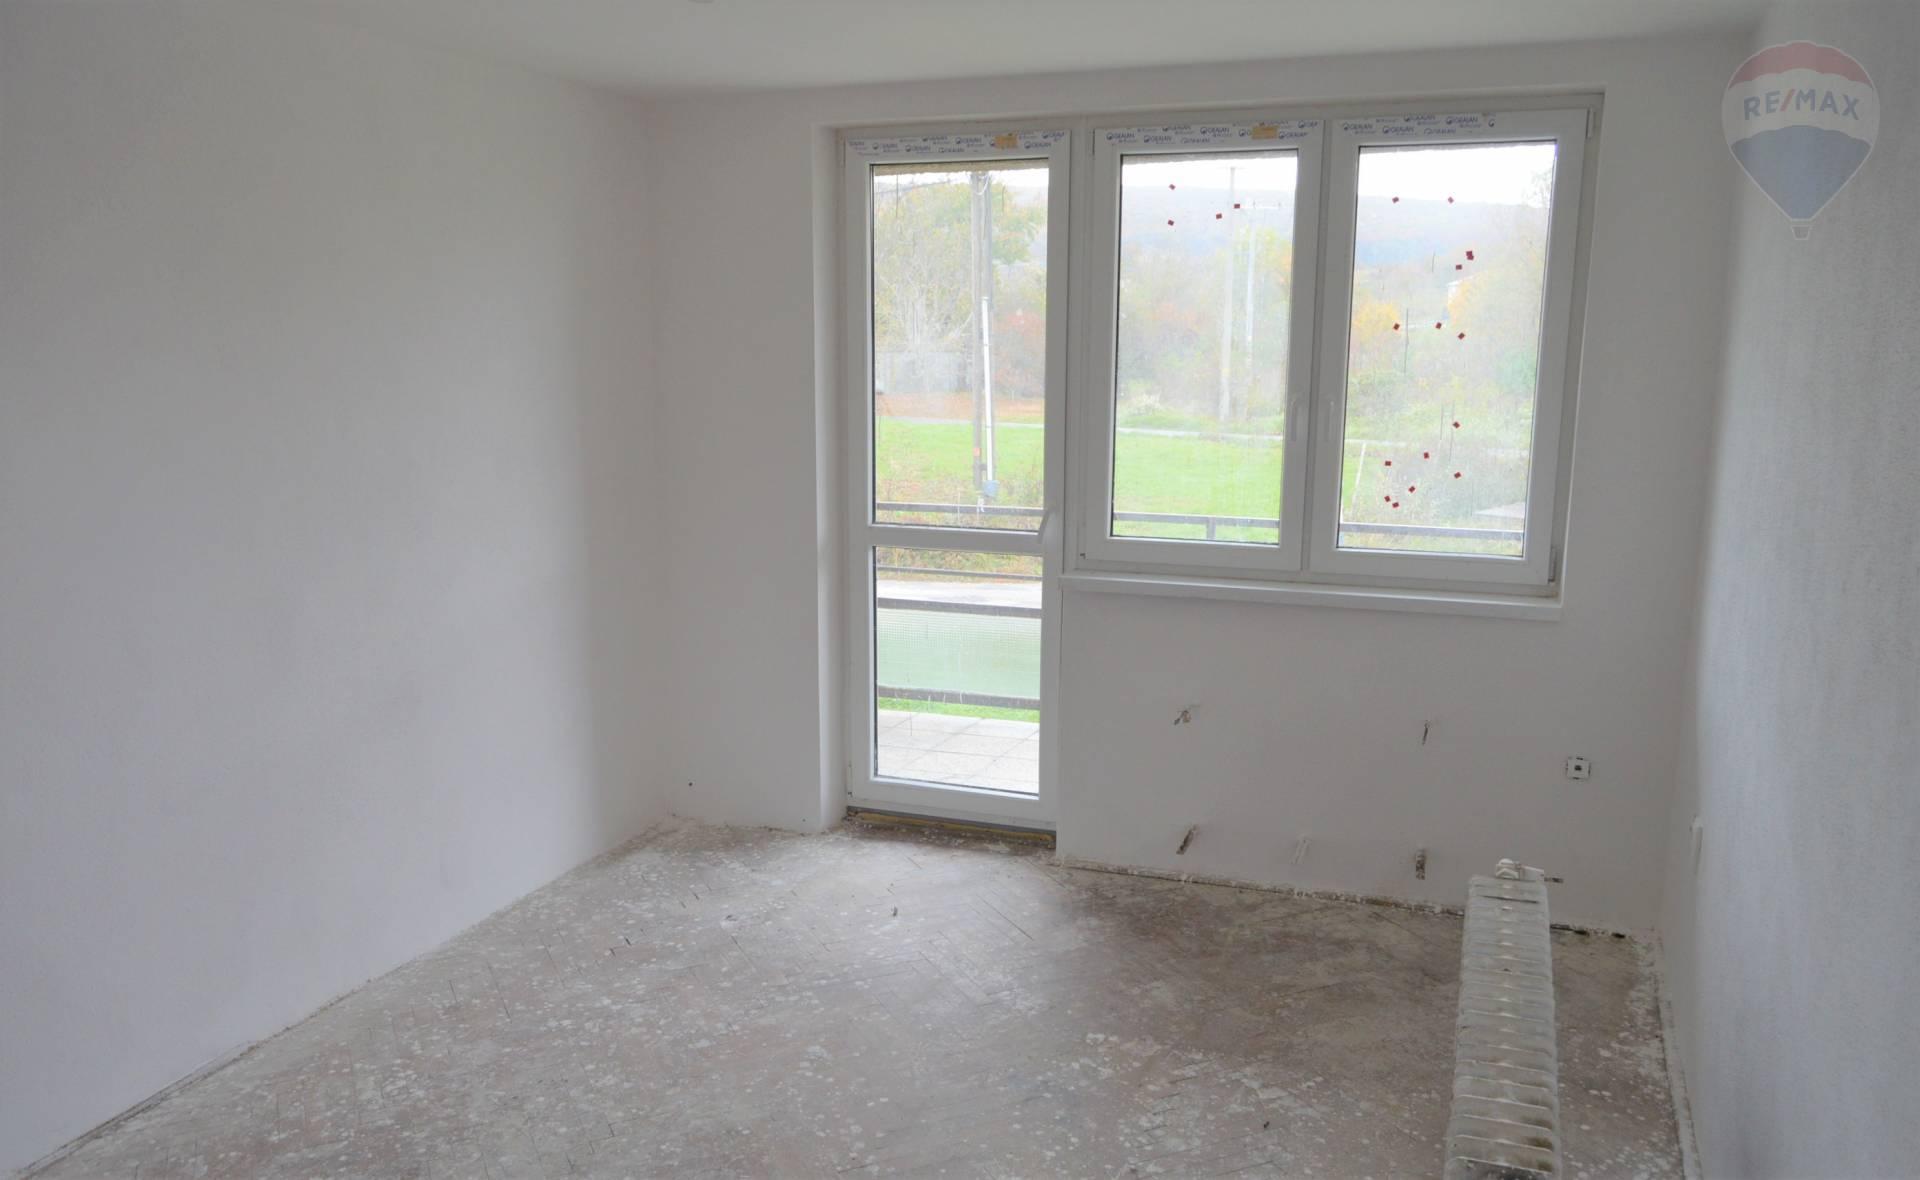 Predaj 3 izbový byt Nitra 12 km EXKLUZÍVNE